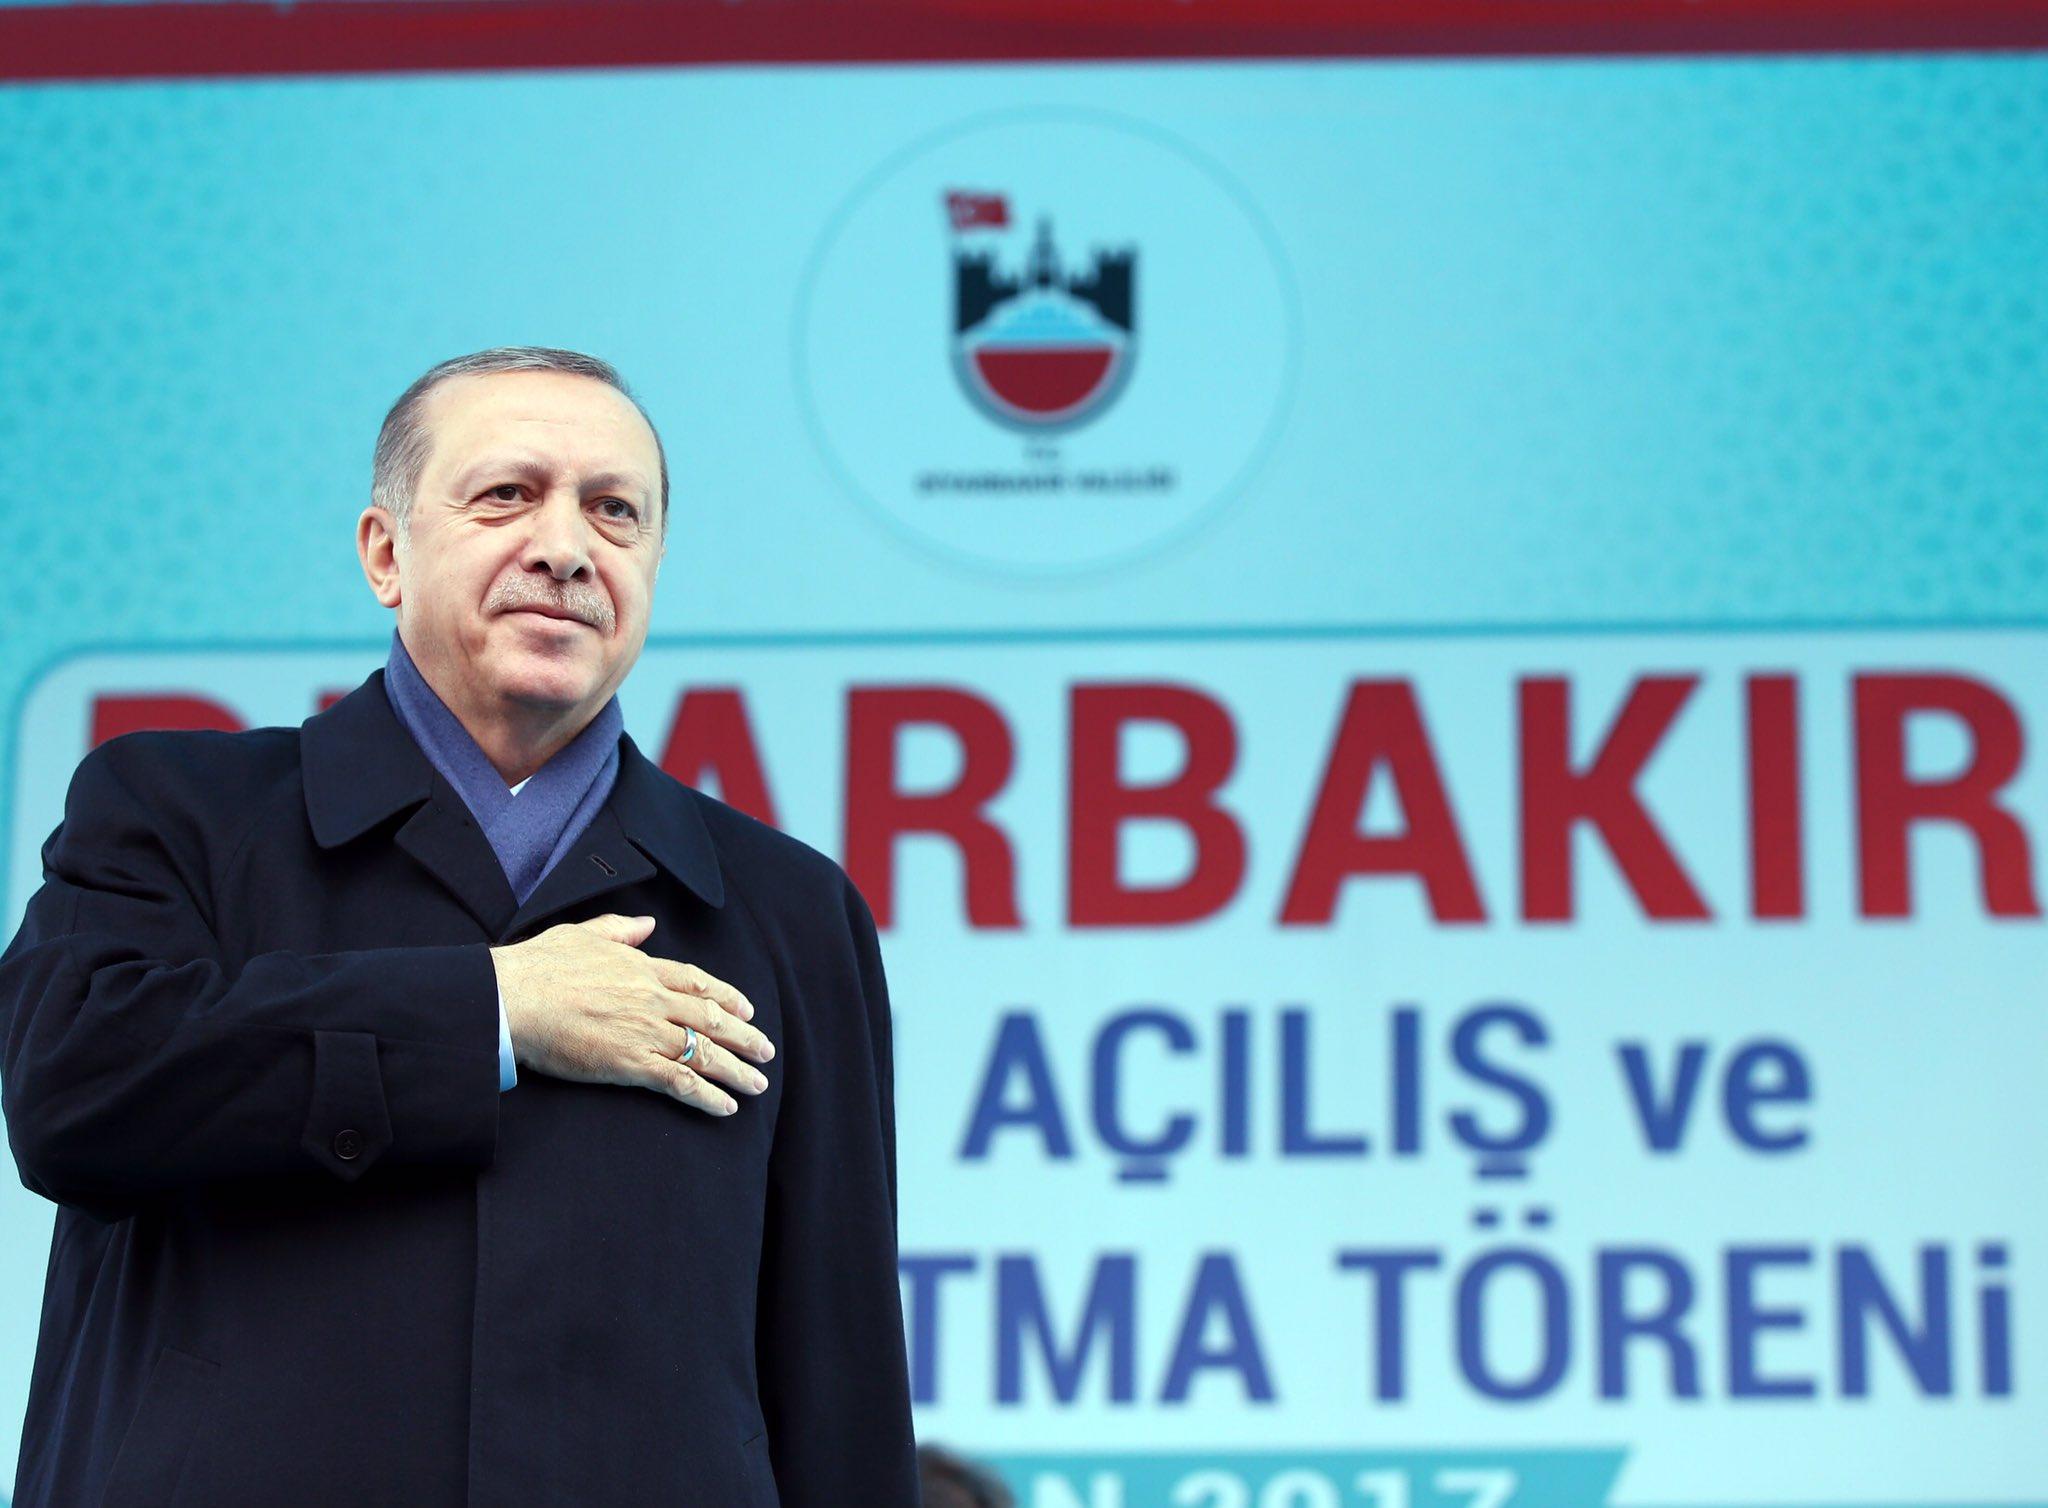 Teşekkürler Diyarbakır! https://t.co/UZbK5Gq1CG